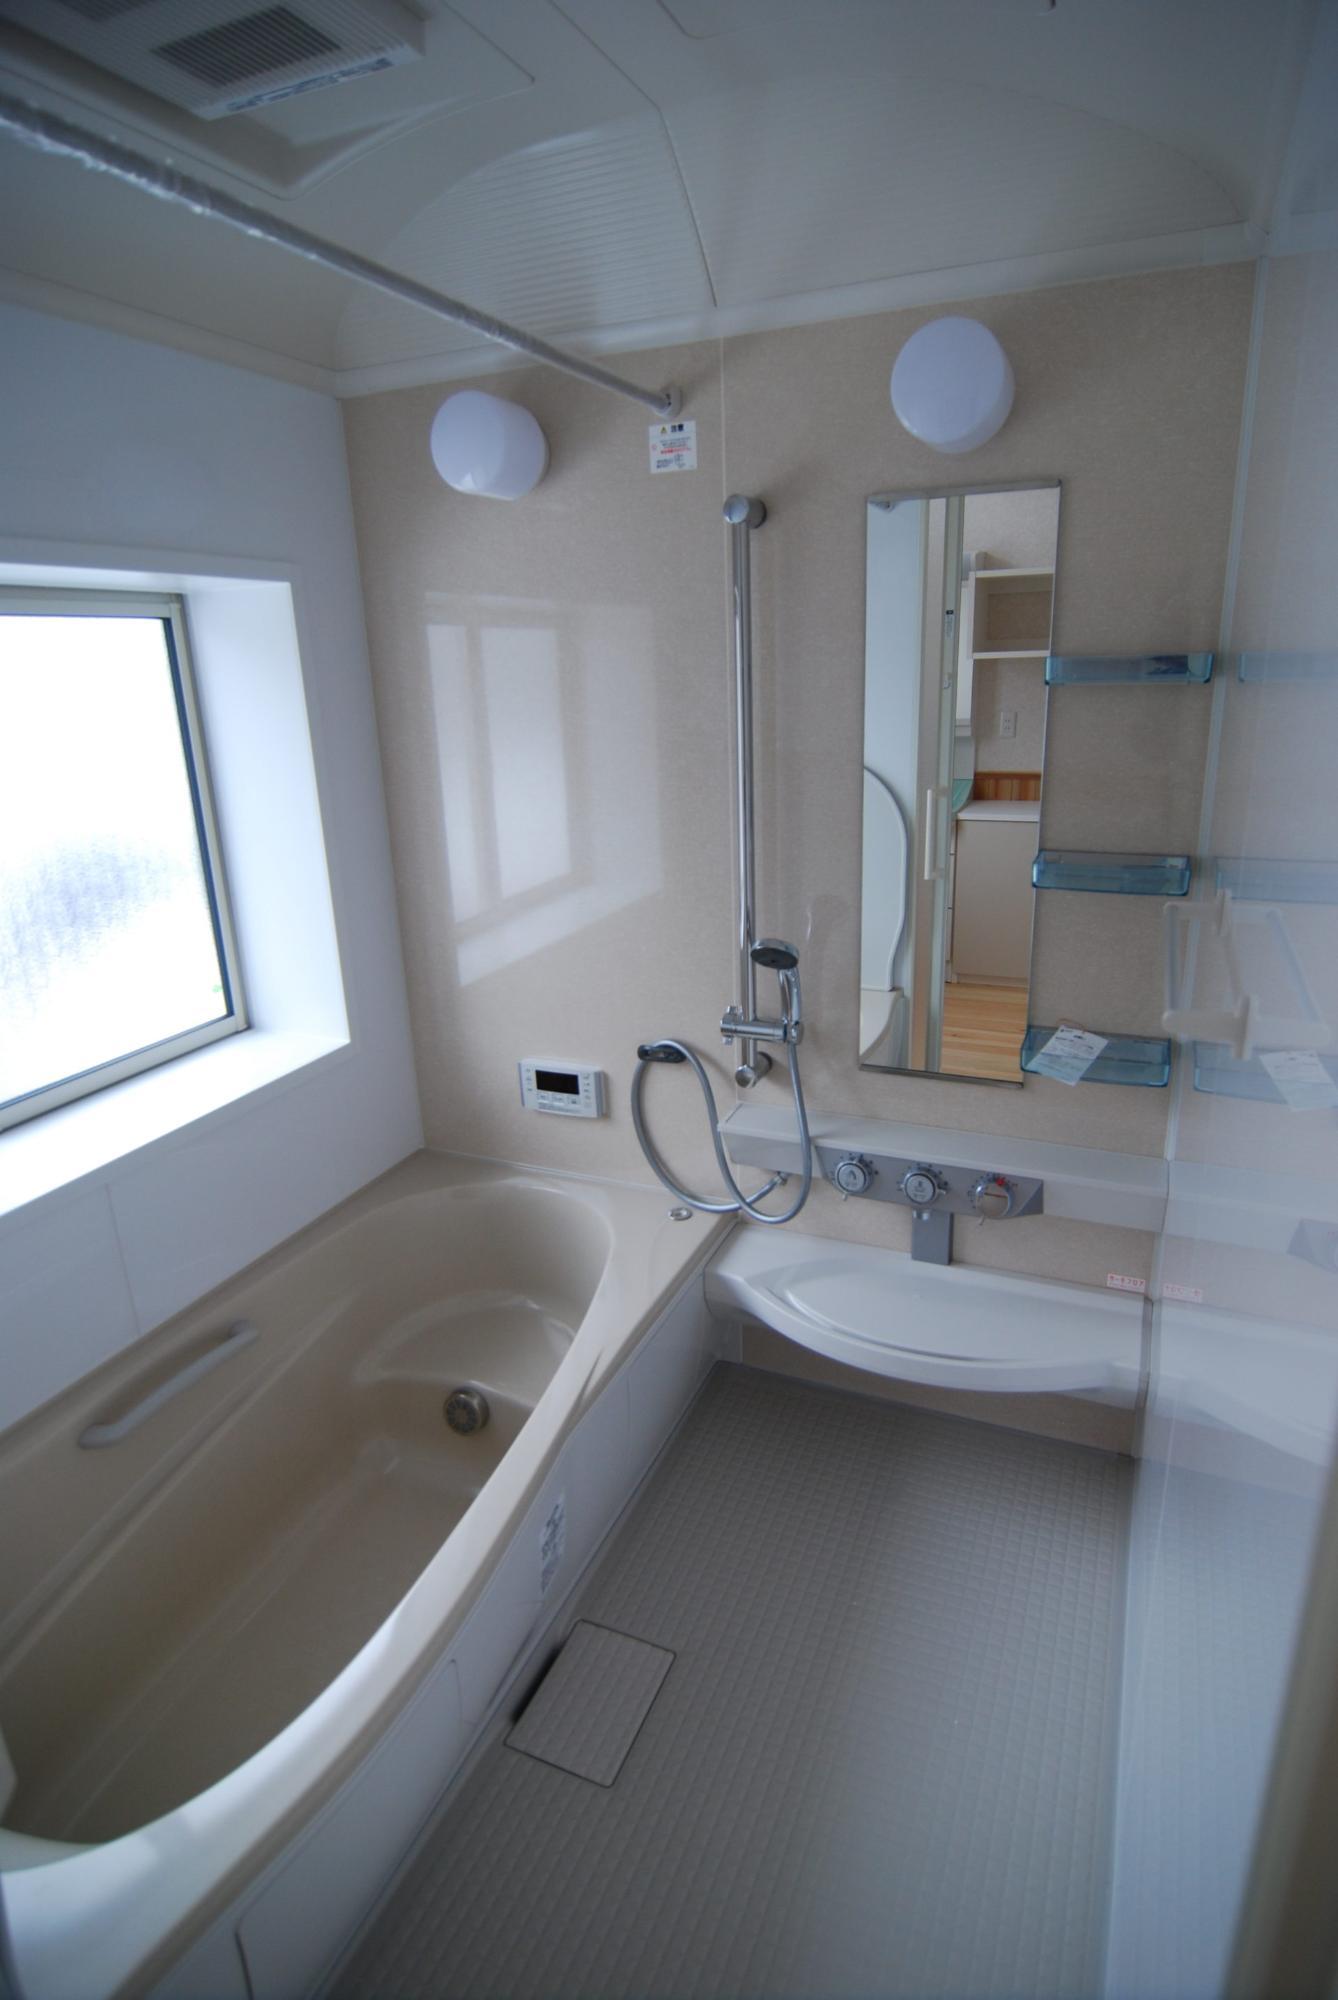 有限会社 市川建築店 1級建築士事務所「三条市 H様邸」のシンプル・ナチュラルな風呂・浴室の実例写真